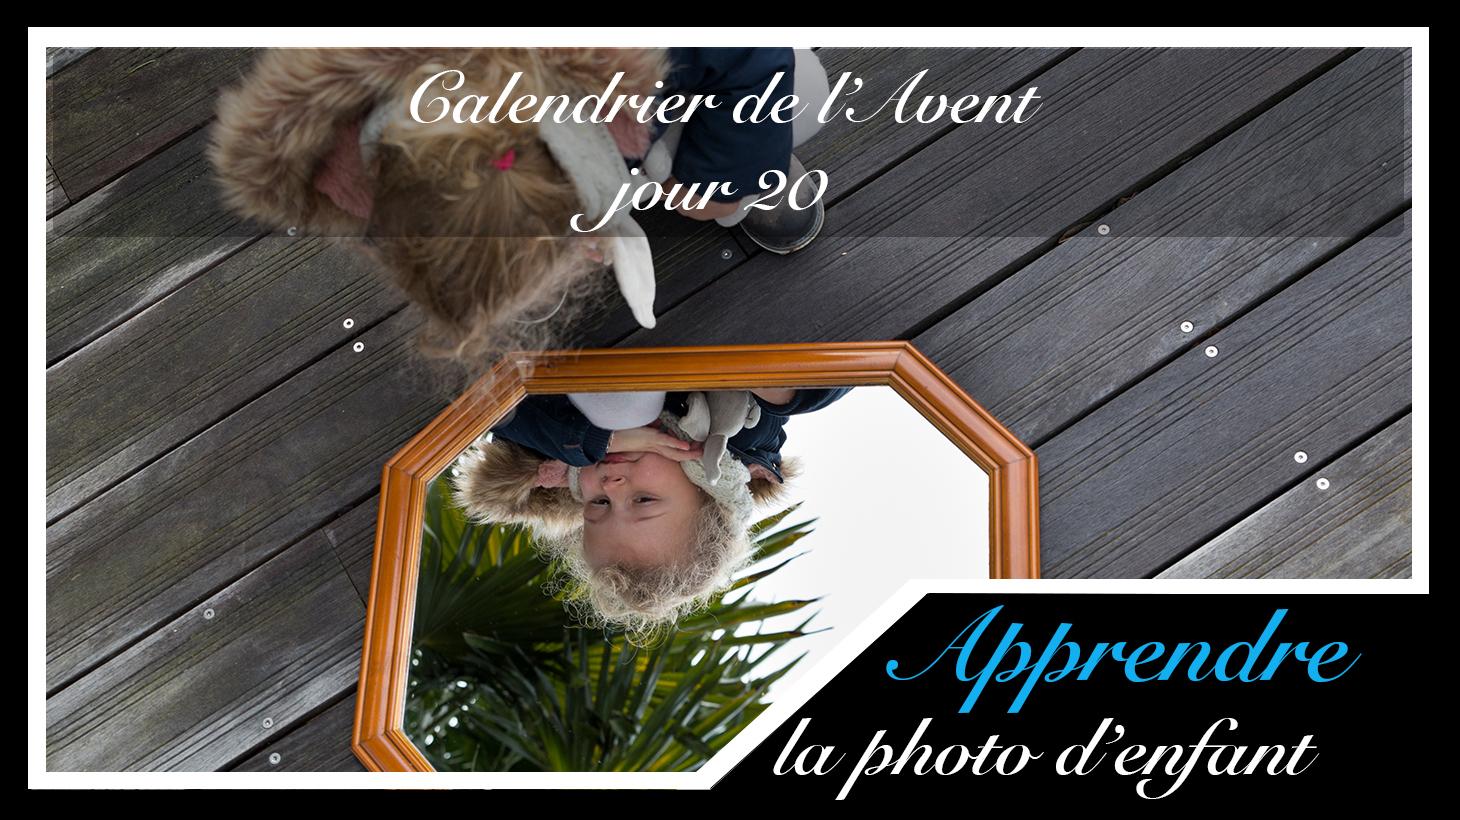 Jour 20 – Calendrier de l'Avent spécial Photo d'enfant